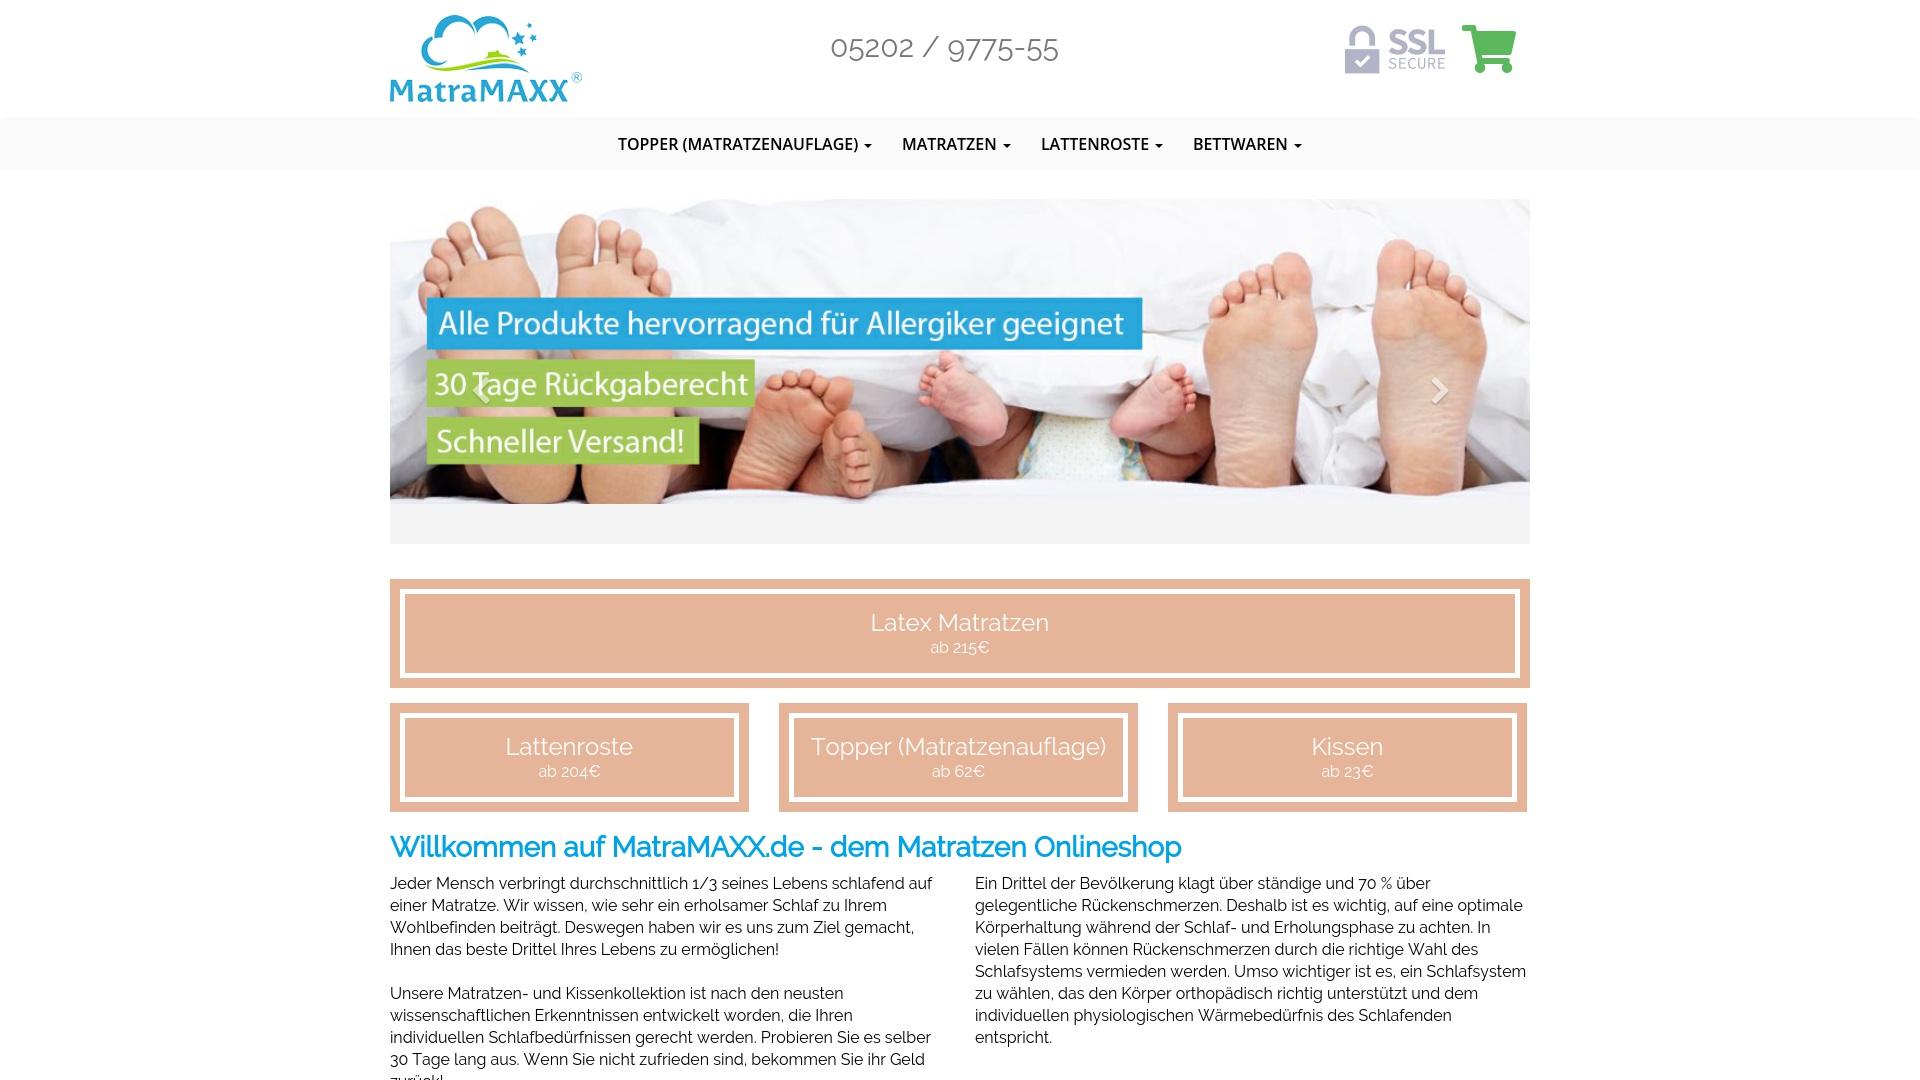 Gutschein für Matramaxx: Rabatte für  Matramaxx sichern